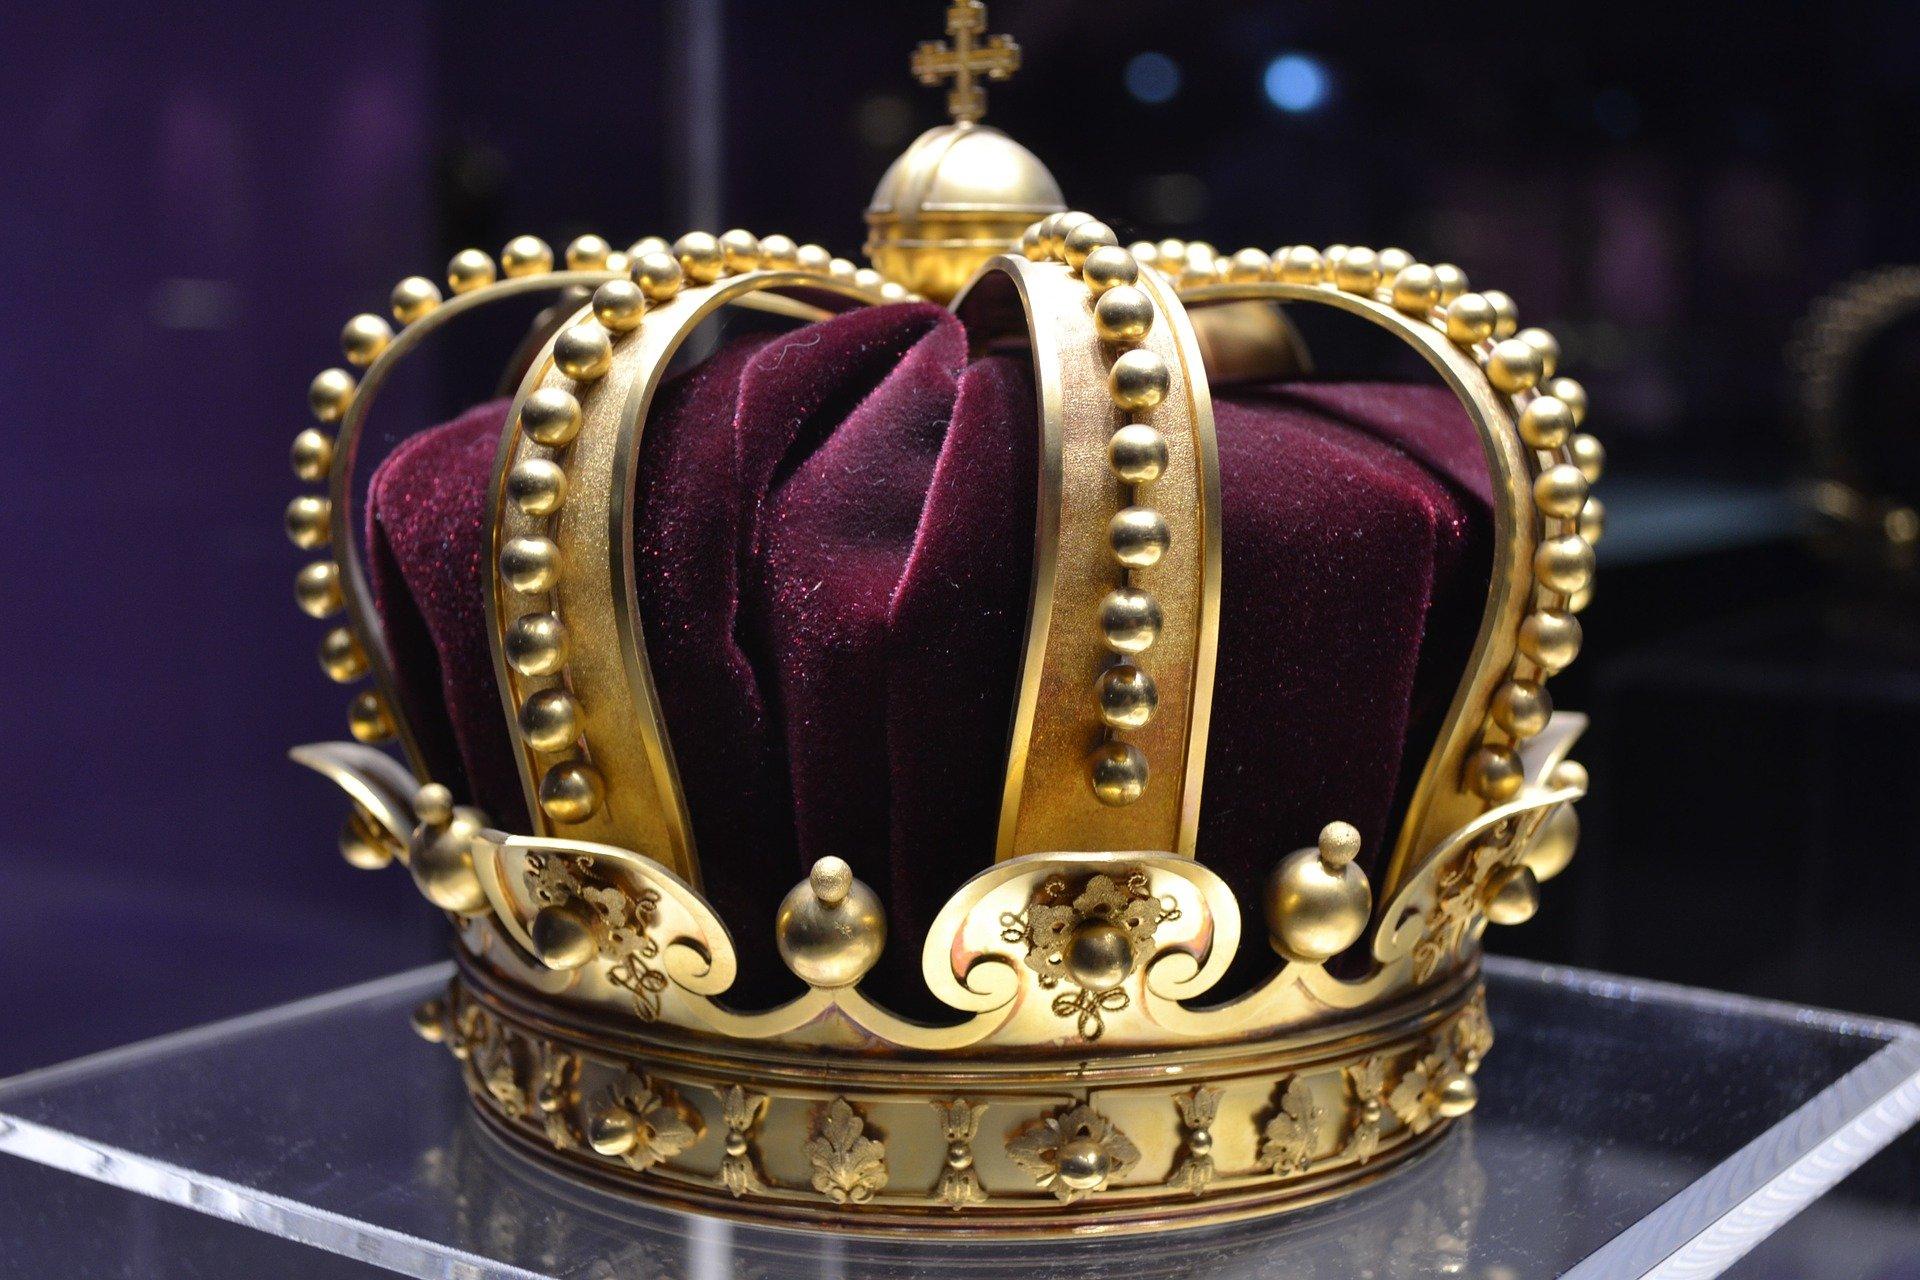 Царский пир: онлайн-экскурсию проведут в «Коломенском»